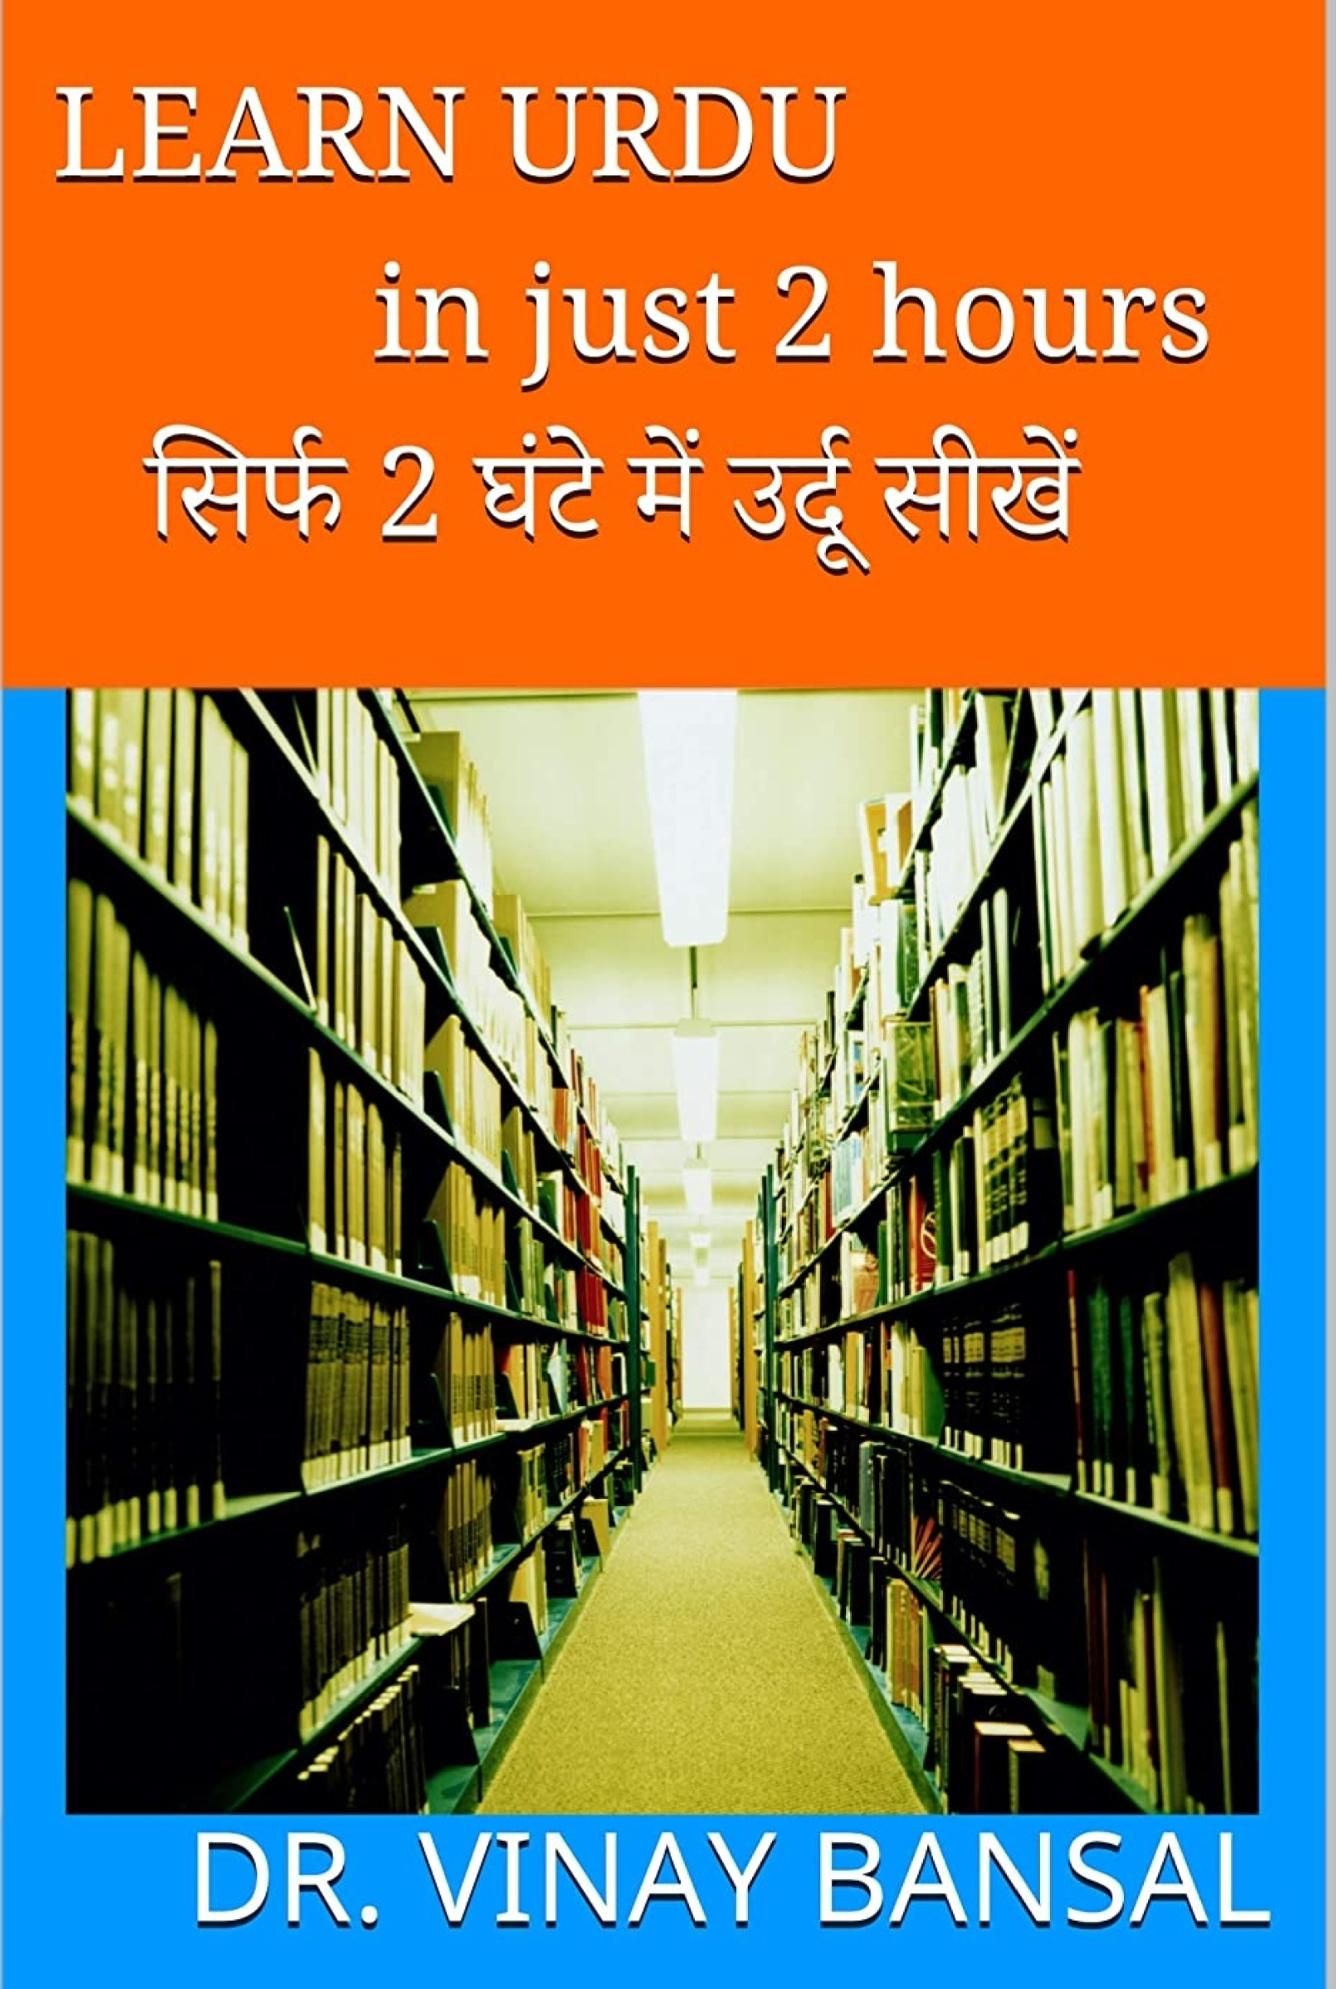 Learn Urdu in just 2 hours सिर्फ 2 घंटे में उर्दू सीखें